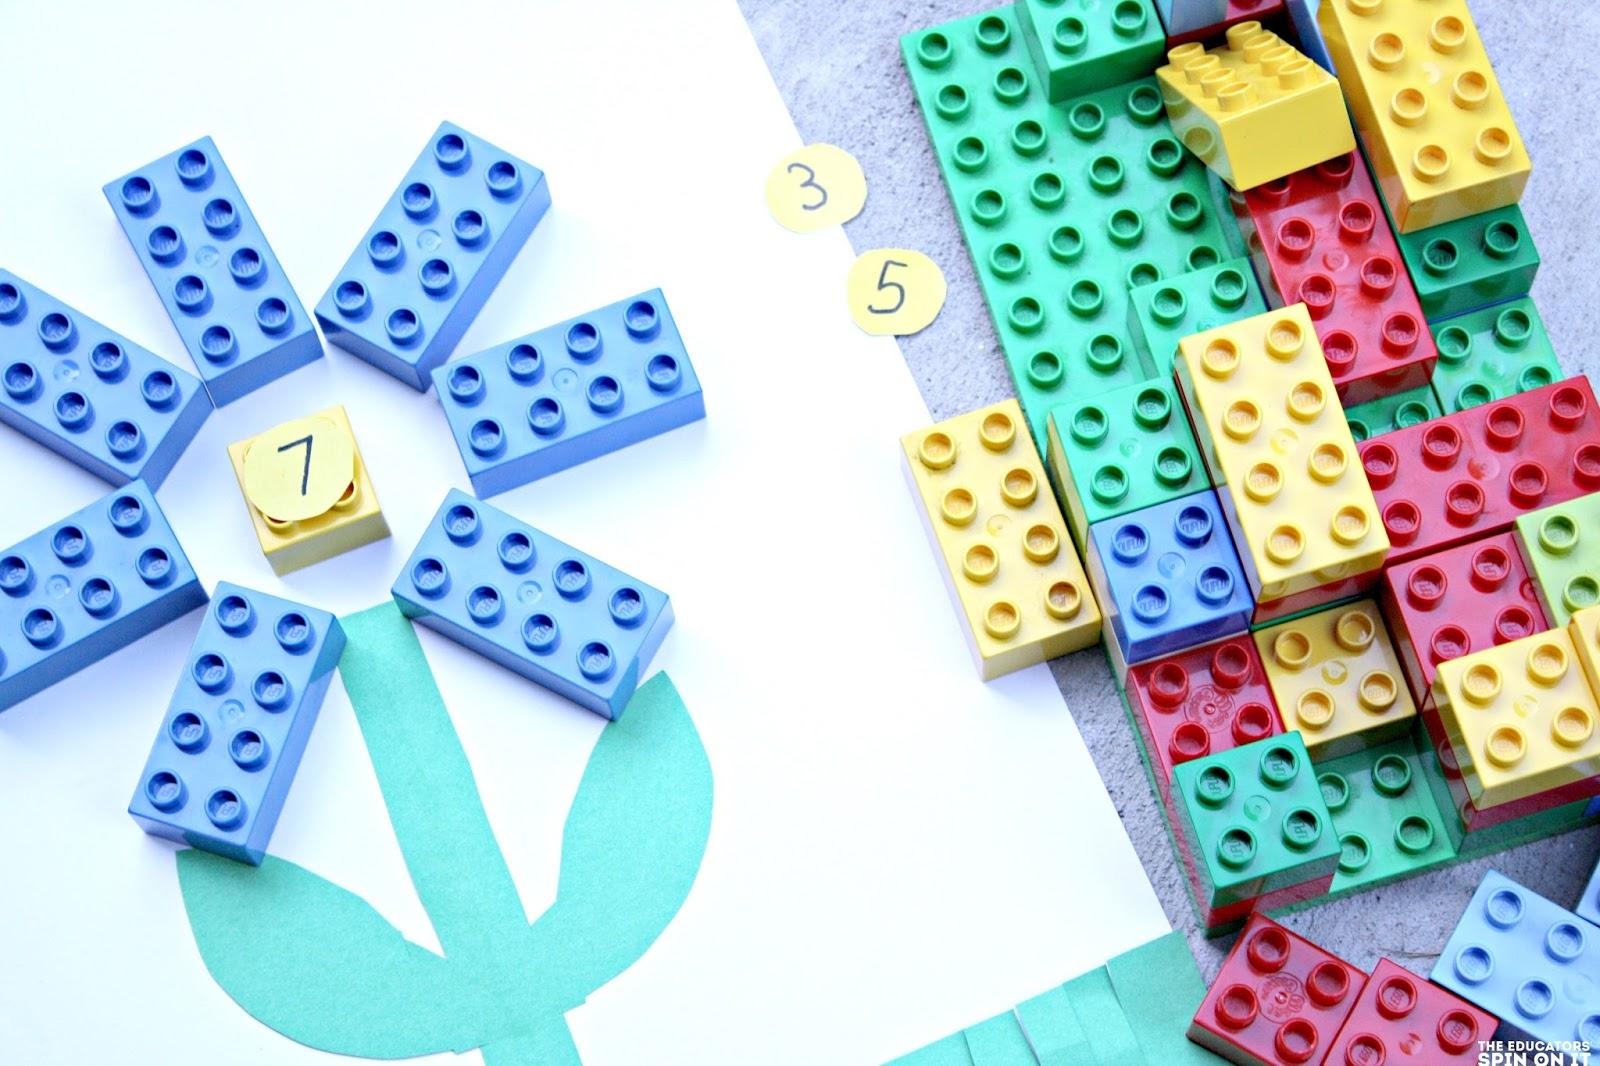 Lego Garden Preschool Math